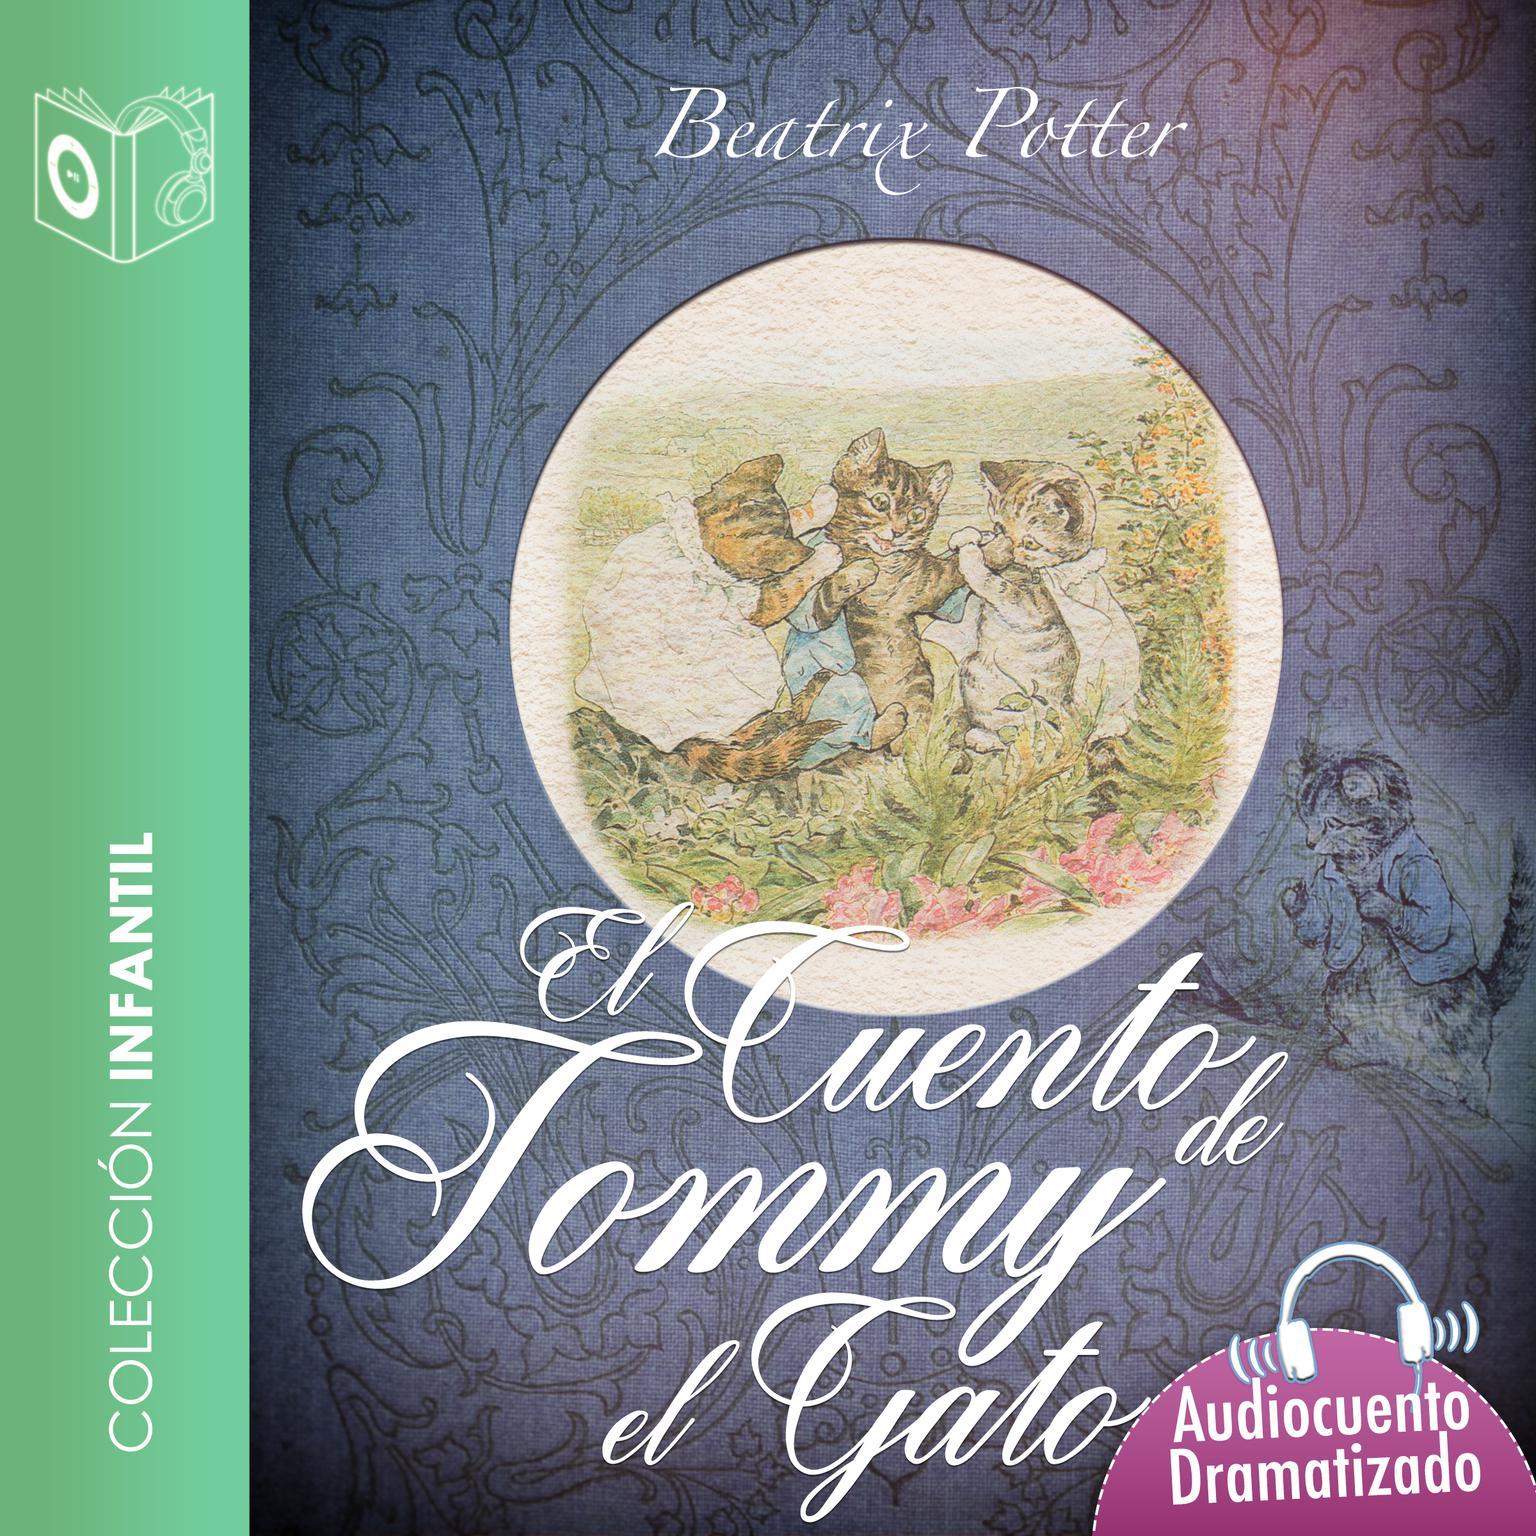 El cuento de Tommy el gato Audiobook, by Beatrix Potter